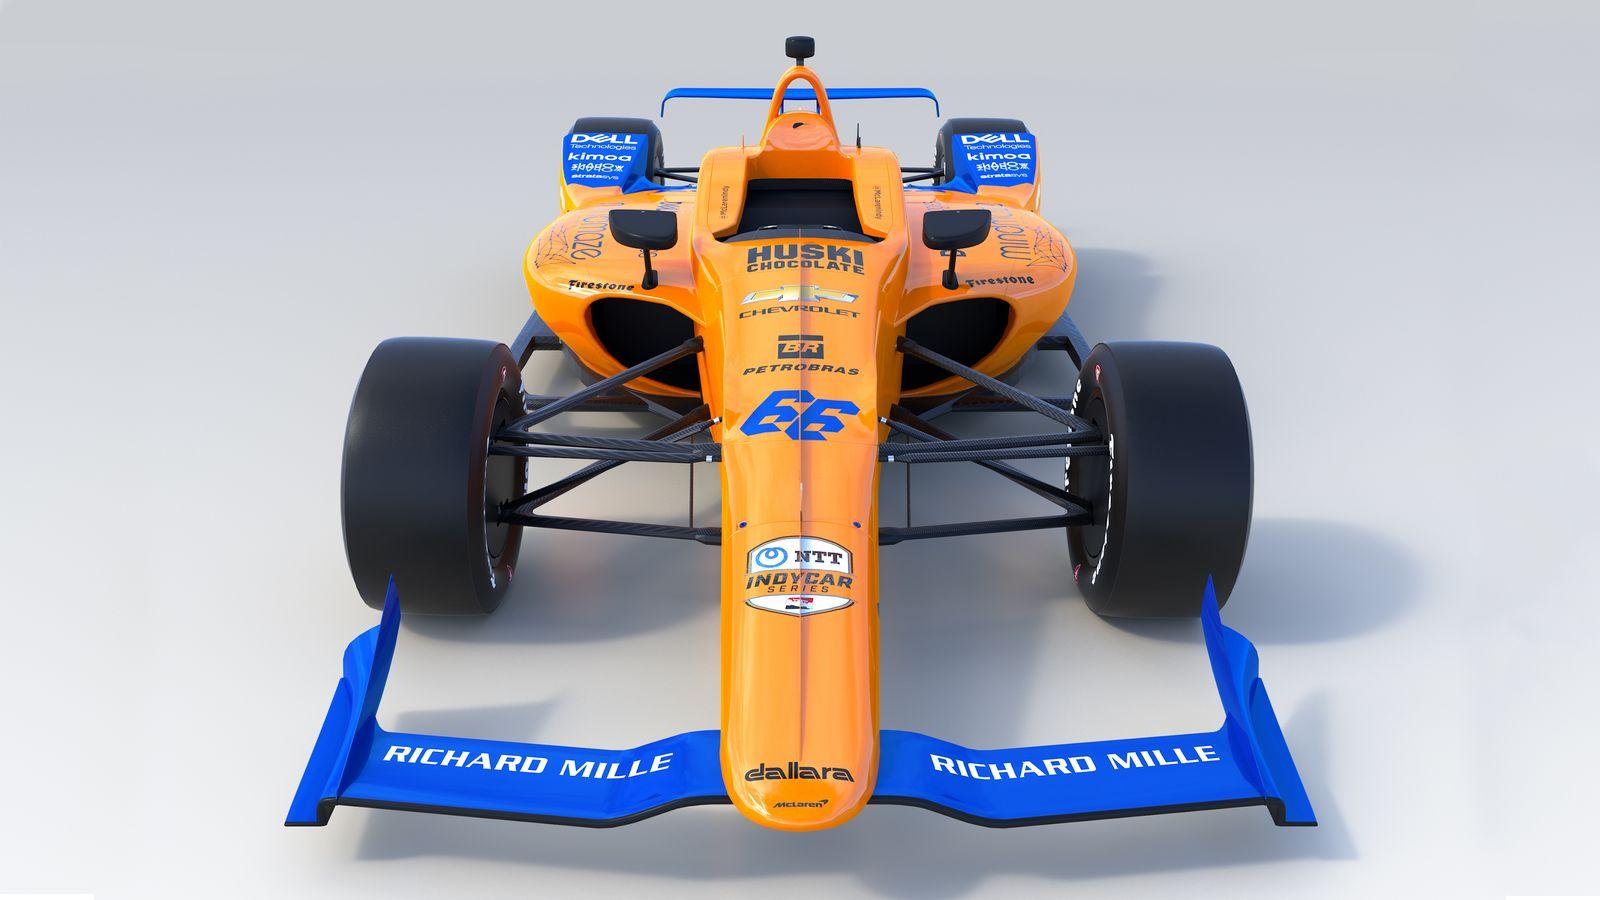 #McLaren66, la nuova McLaren di Alonso per la Indy 500